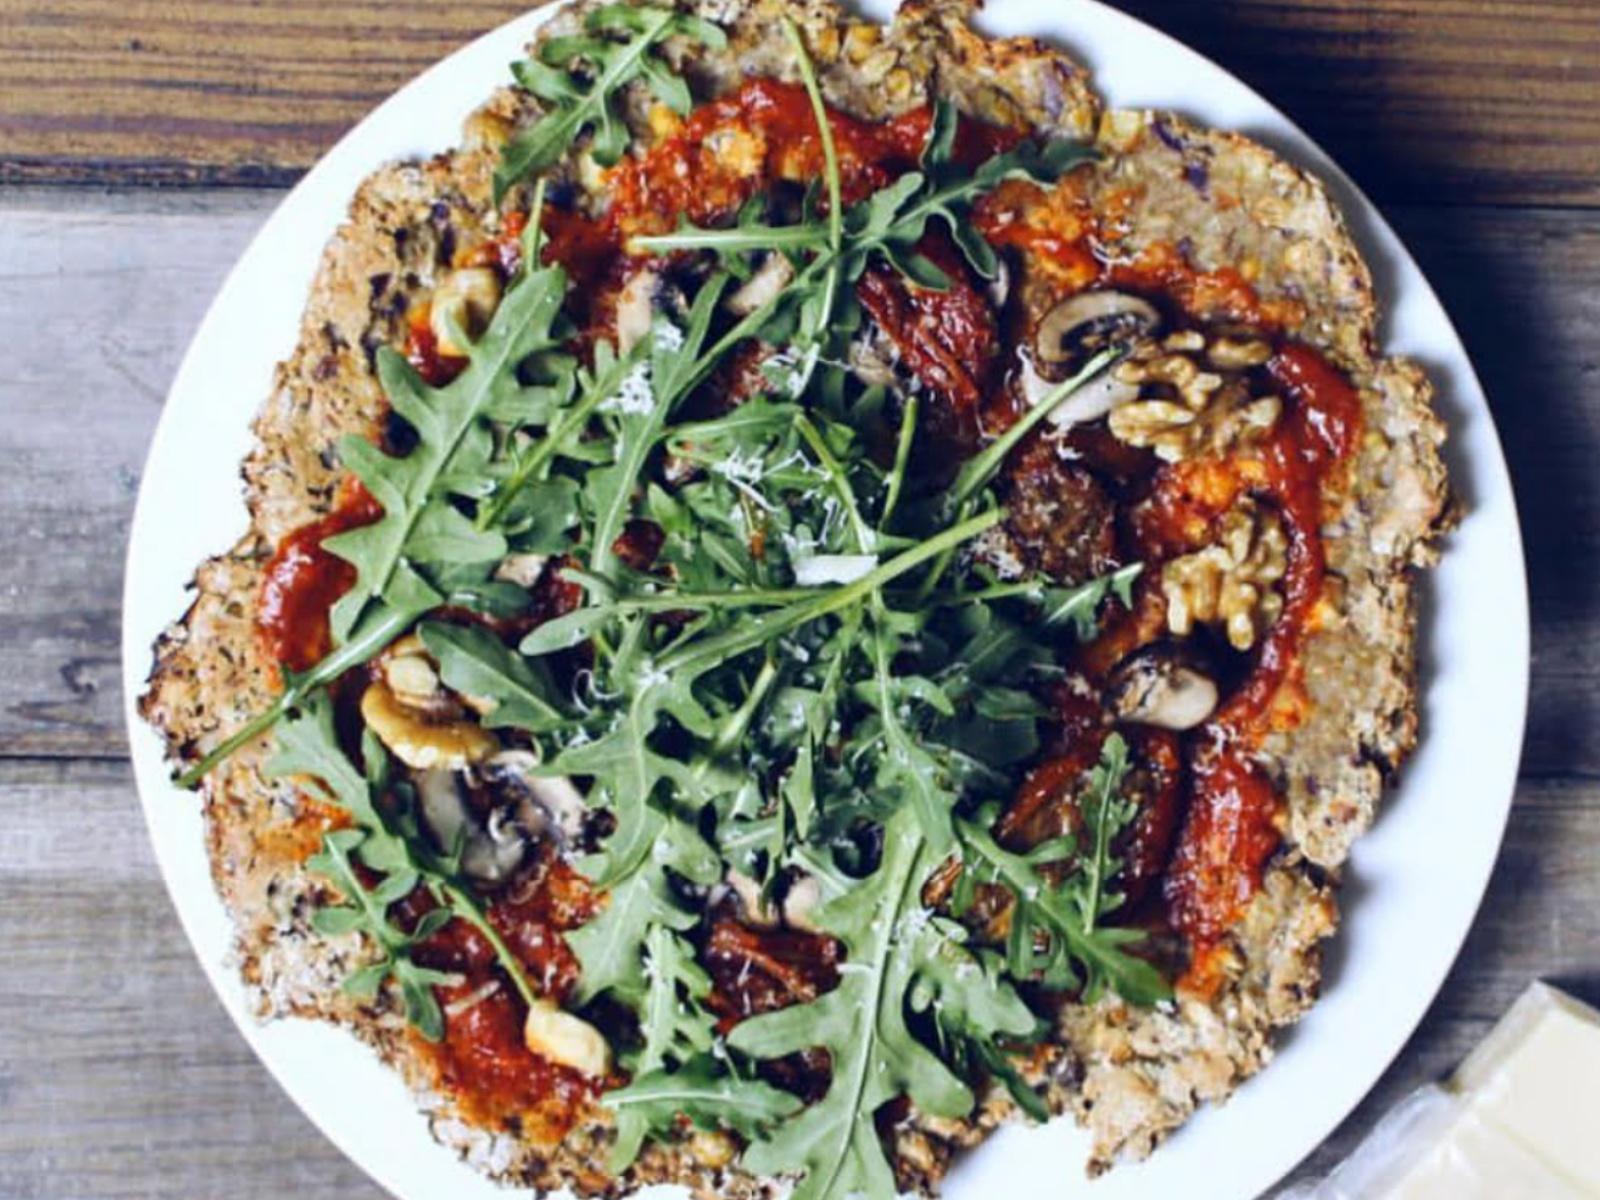 Falafel Crust Pizza